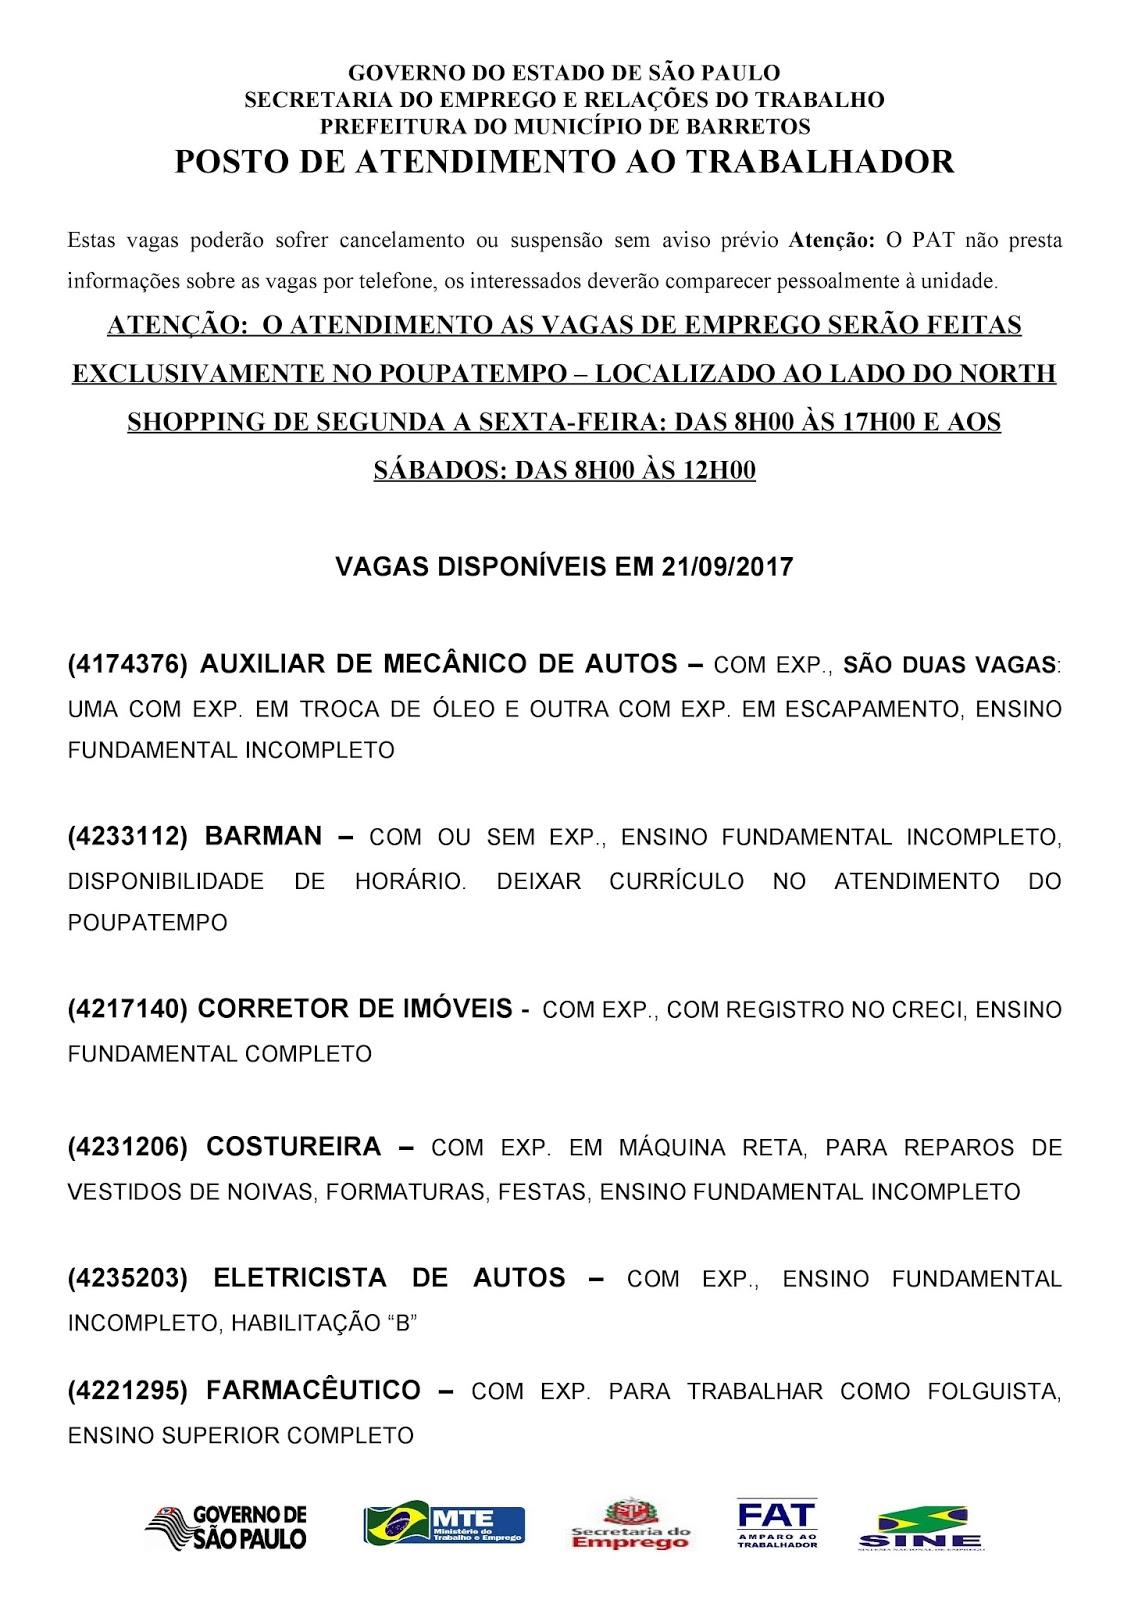 VAGAS DE EMPREGO DO PAT BARRETOS-SP PARA 21/09/2017 QUINTA-FEIRA - Pag. 1